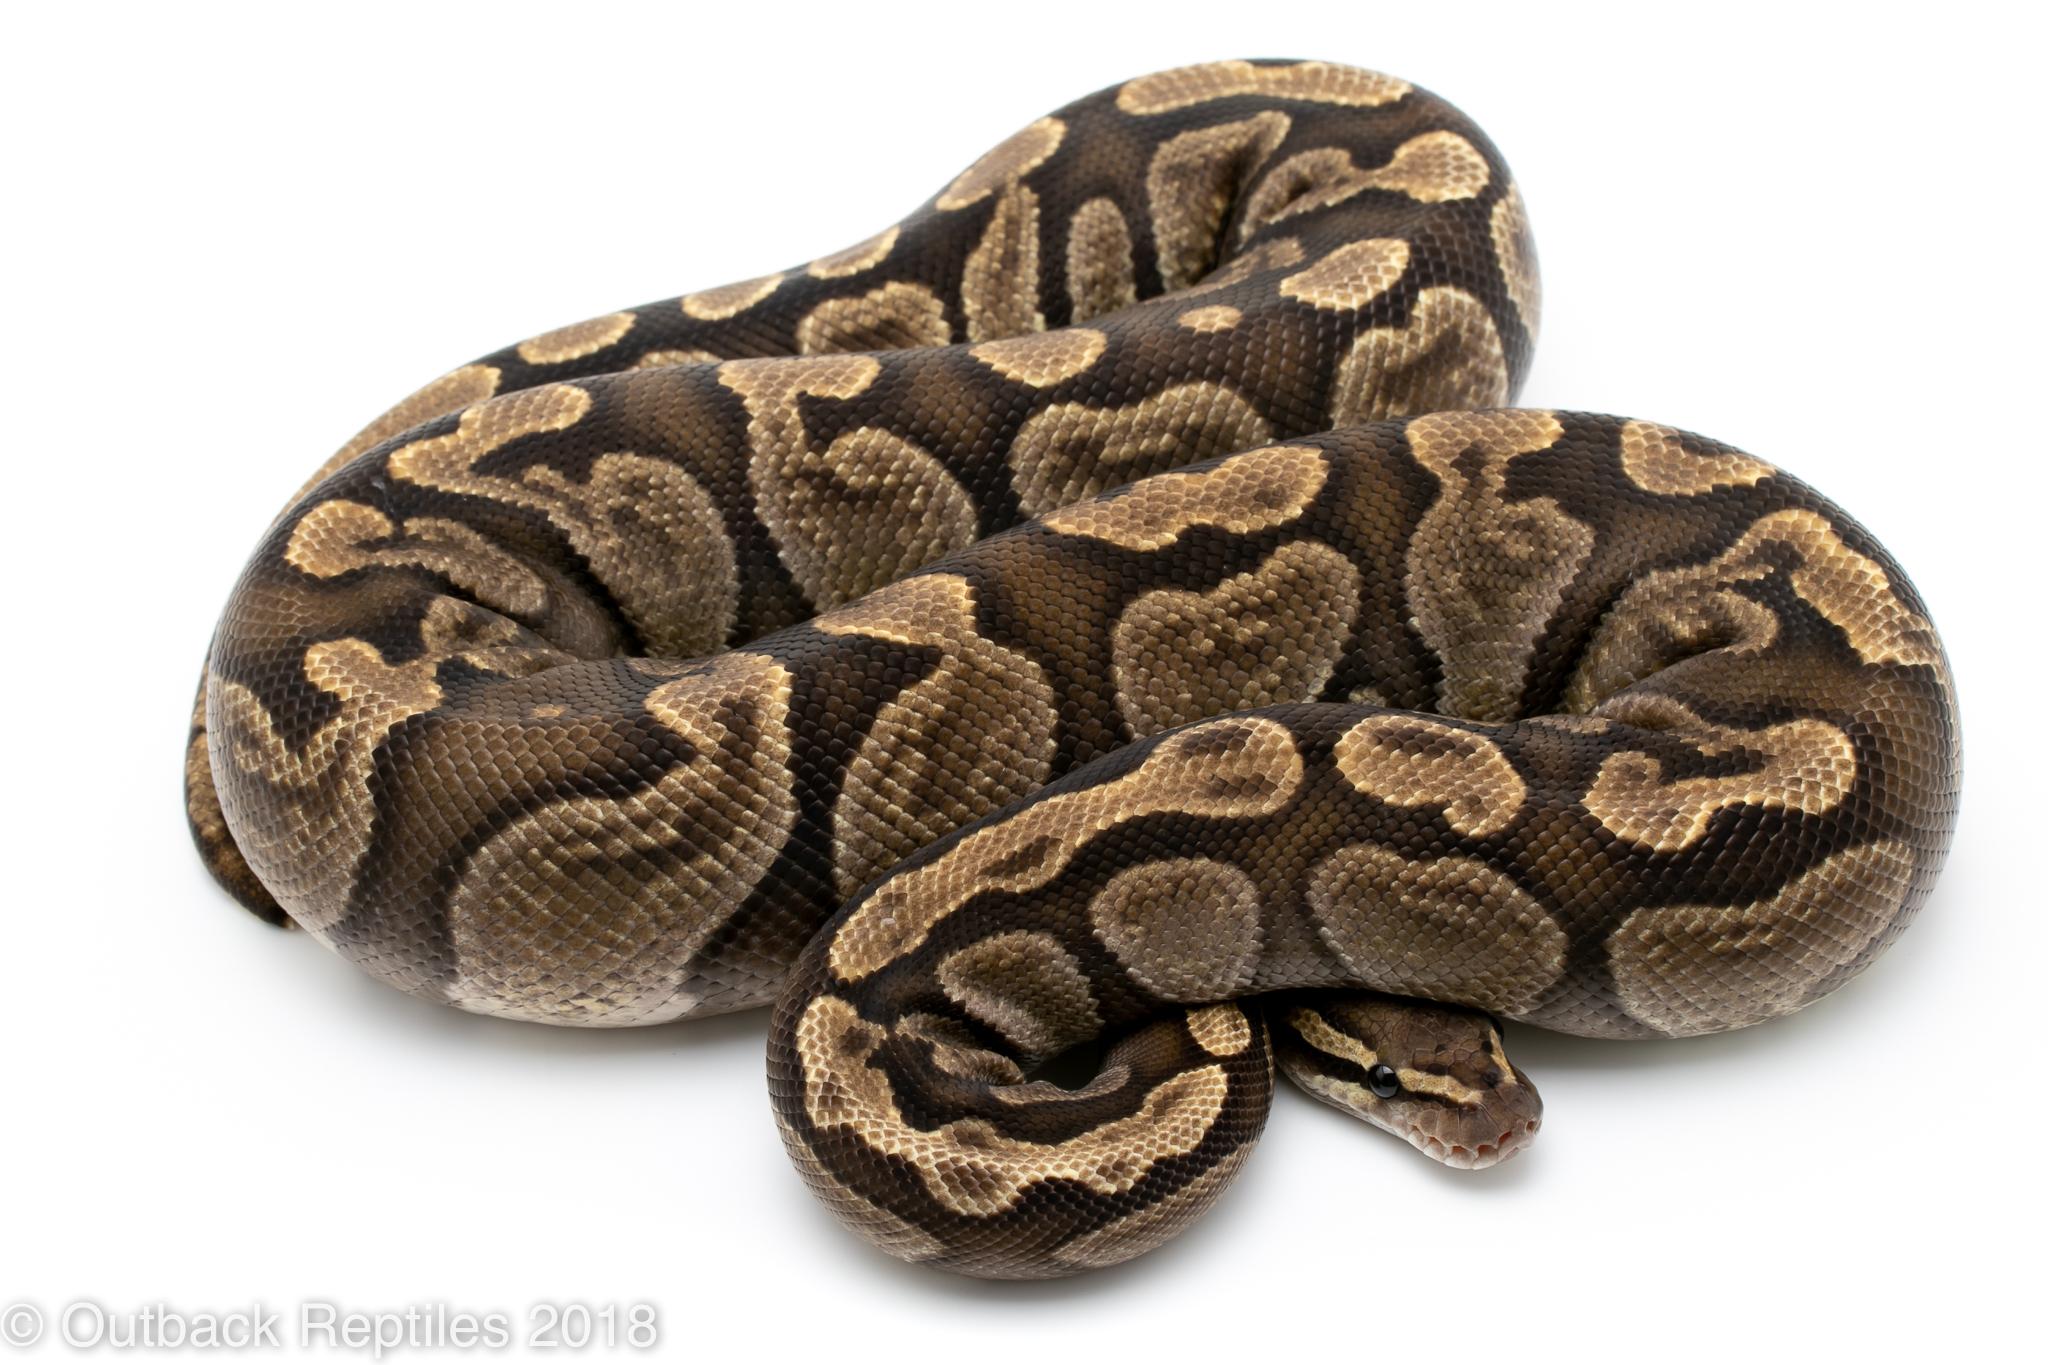 Adult GHI Ball python